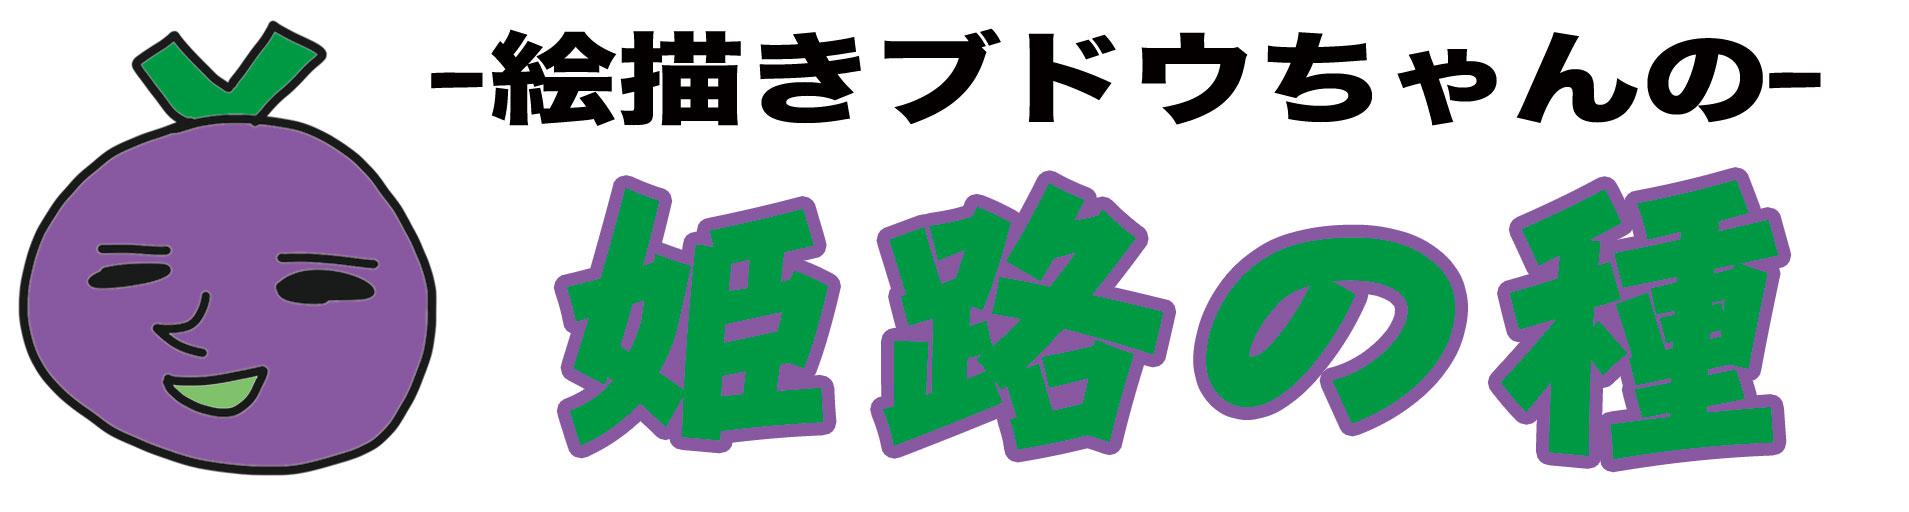 姫路の超ローカル情報バラエティーサイト